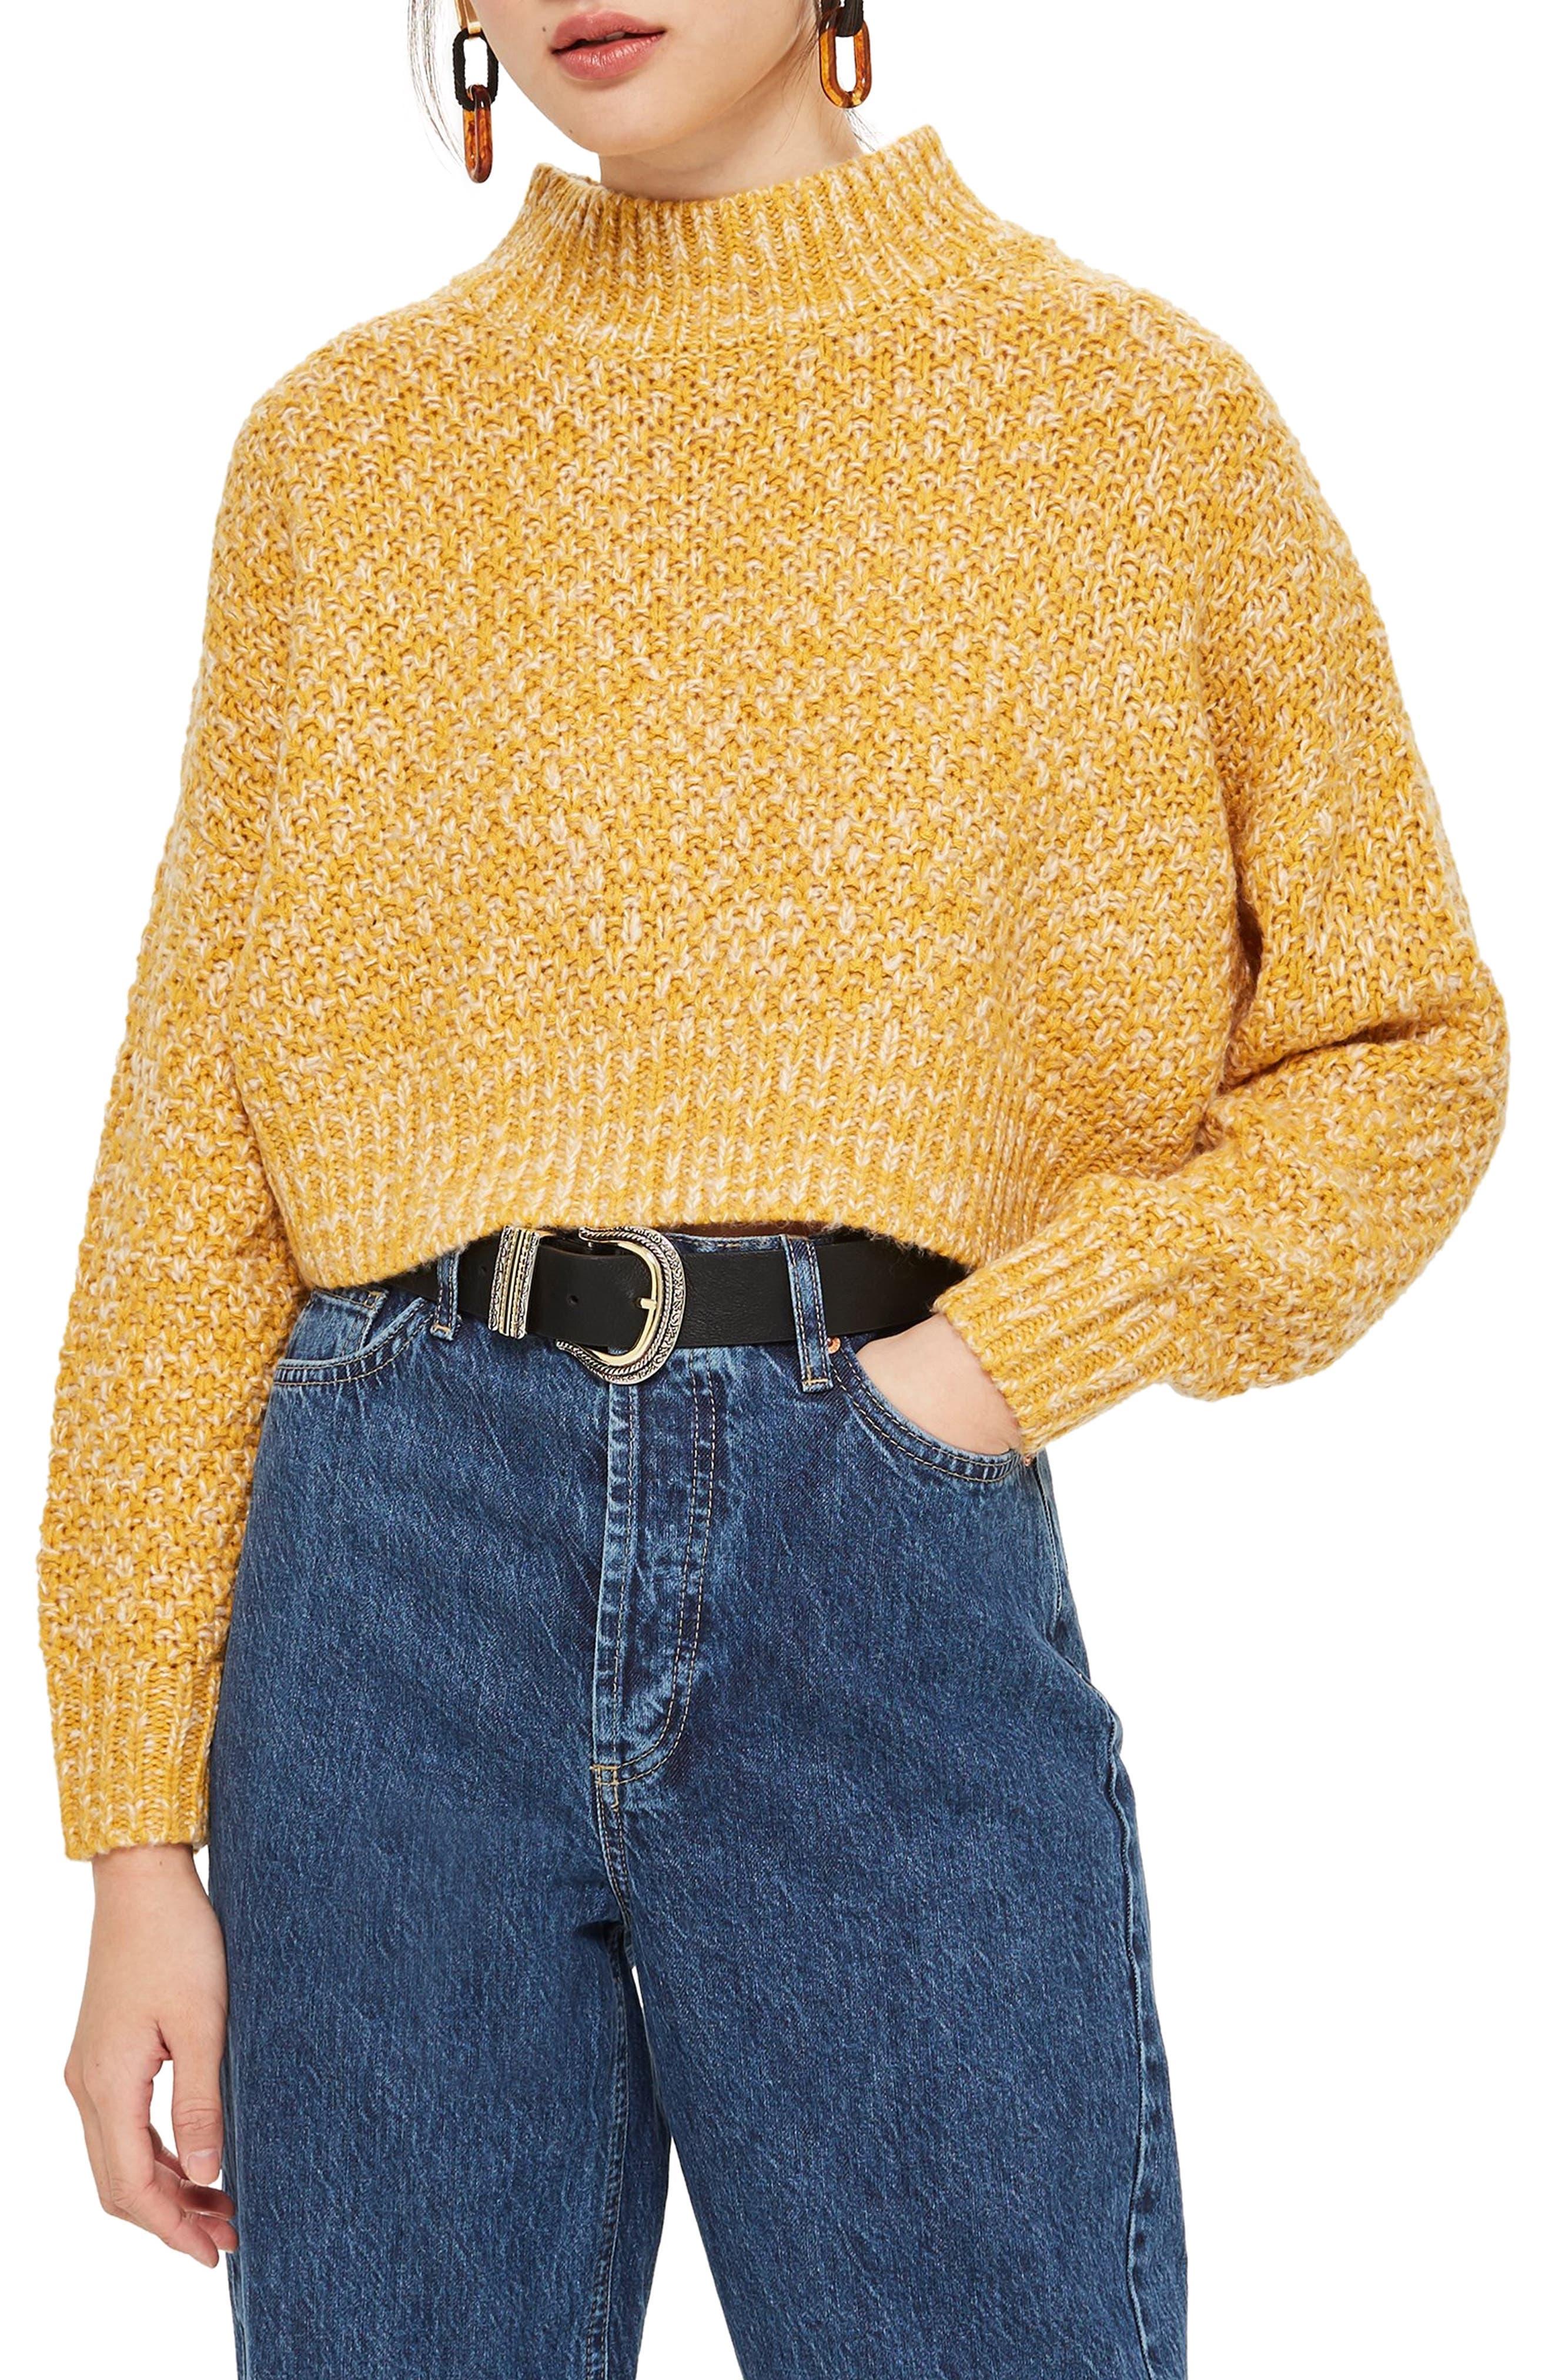 Curve Hem Crop Sweater, Main, color, MUSTARD